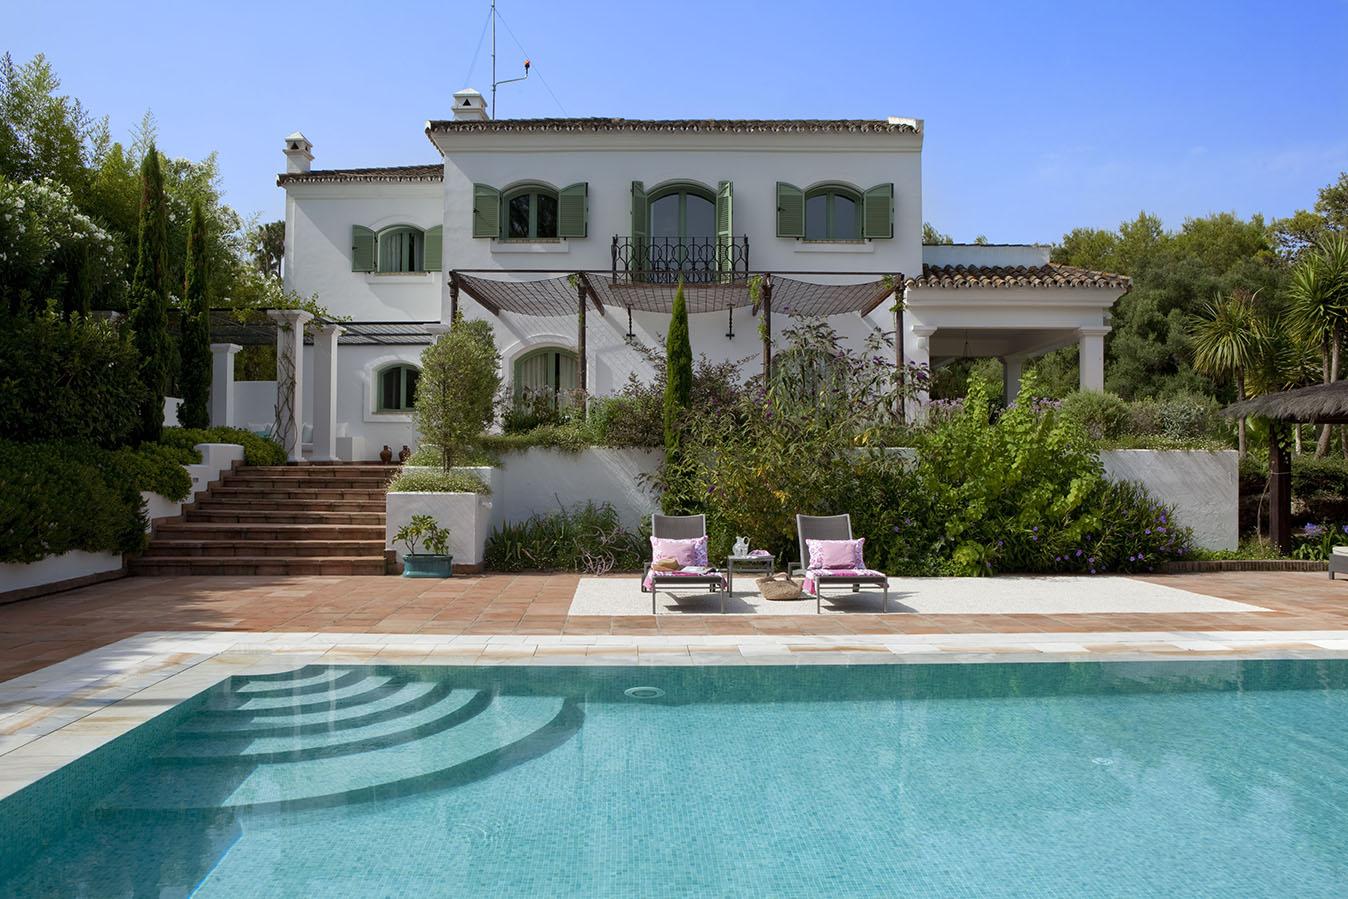 00324116 O. Fachada de la casa en blanco con porticones en verde y piscina con dos tumbonas_00324116 O